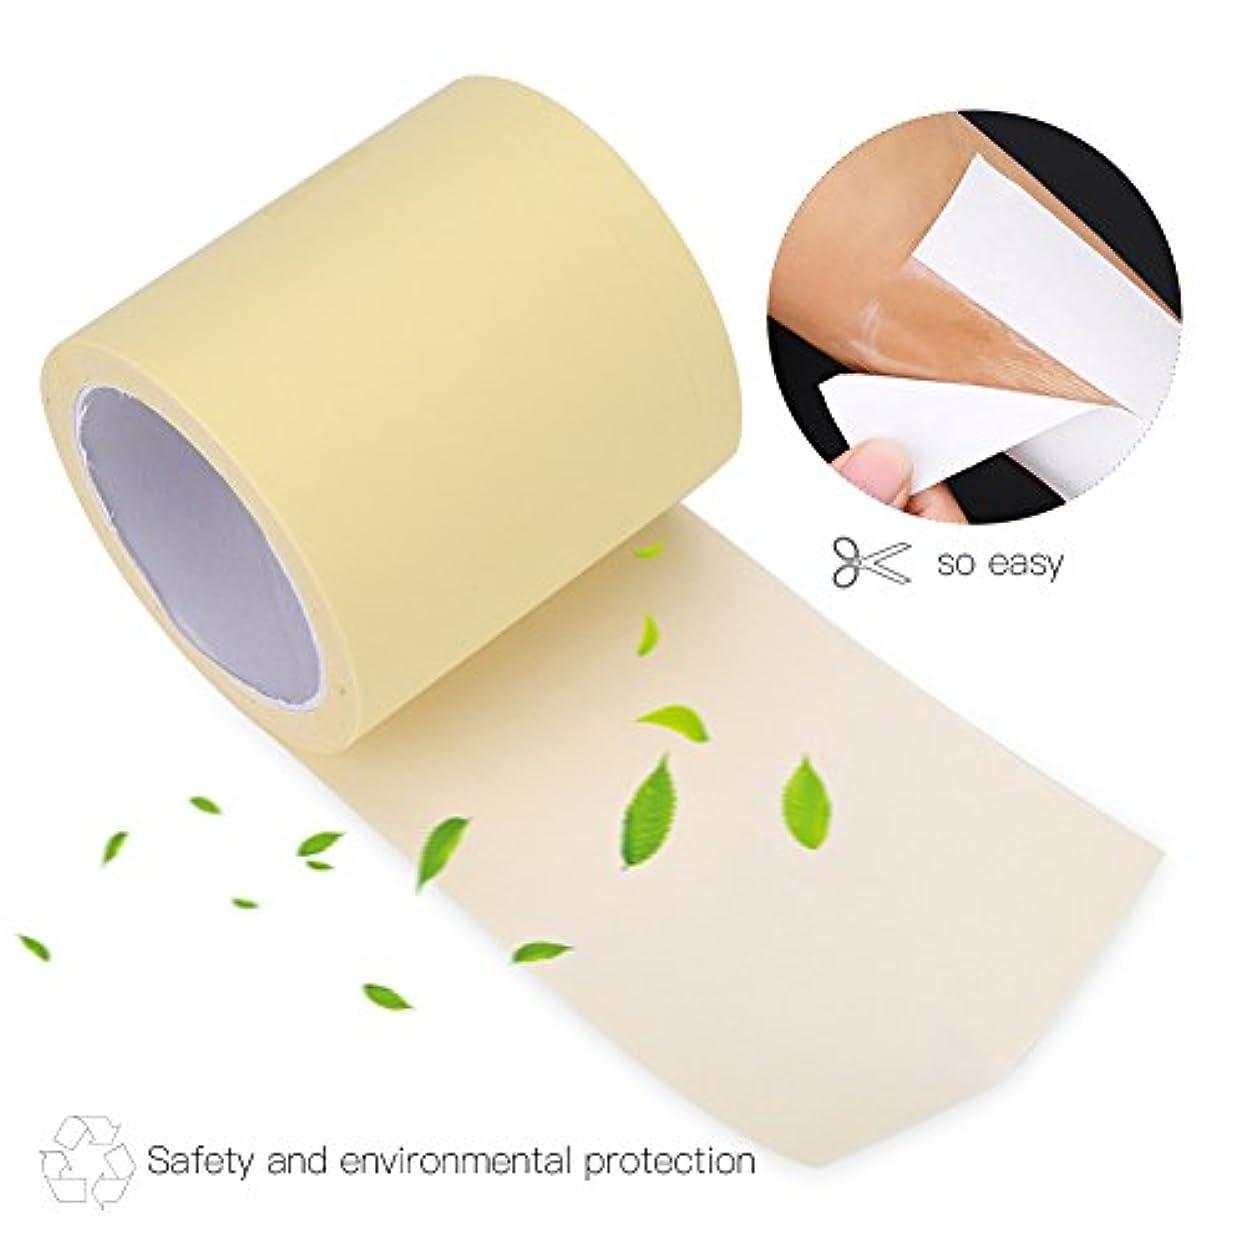 永続インターネット人物汗止めパッド 脇の下汗パッド 皮膚に優しい 0.012 mm 透明 超薄型 抗菌加工 脇の汗染み防止